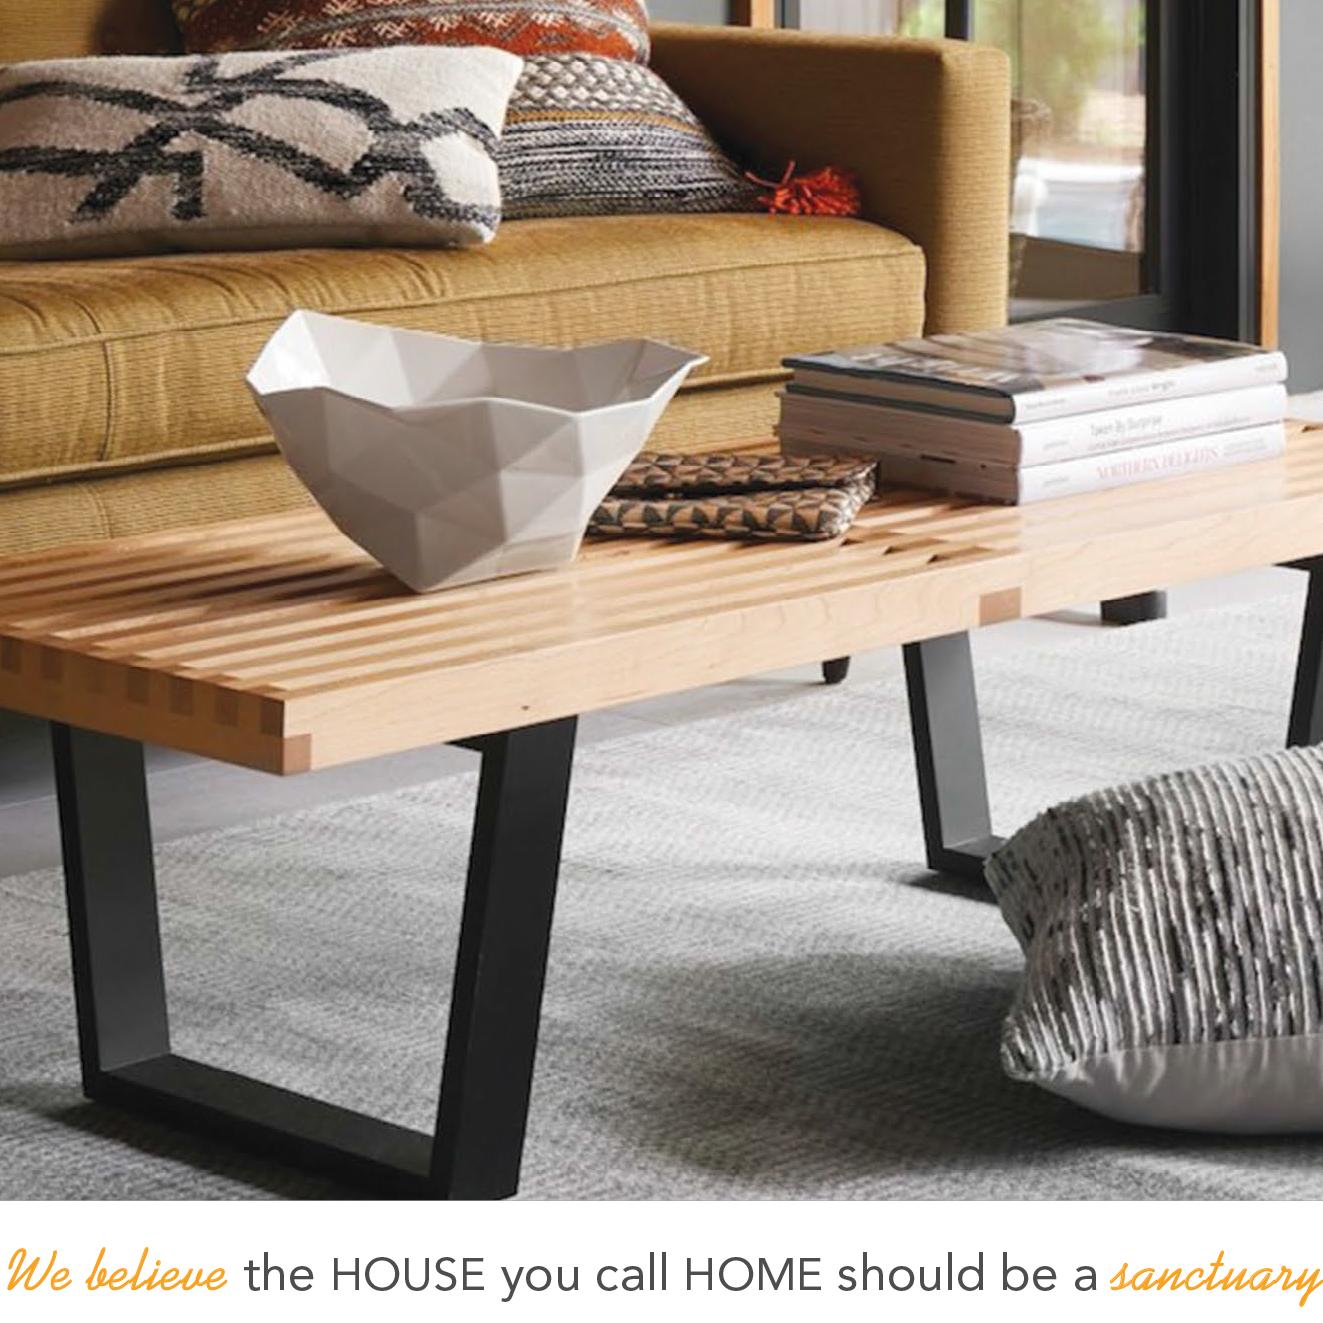 west bend furniture and design. Bend Furniture \u0026 Design West And E